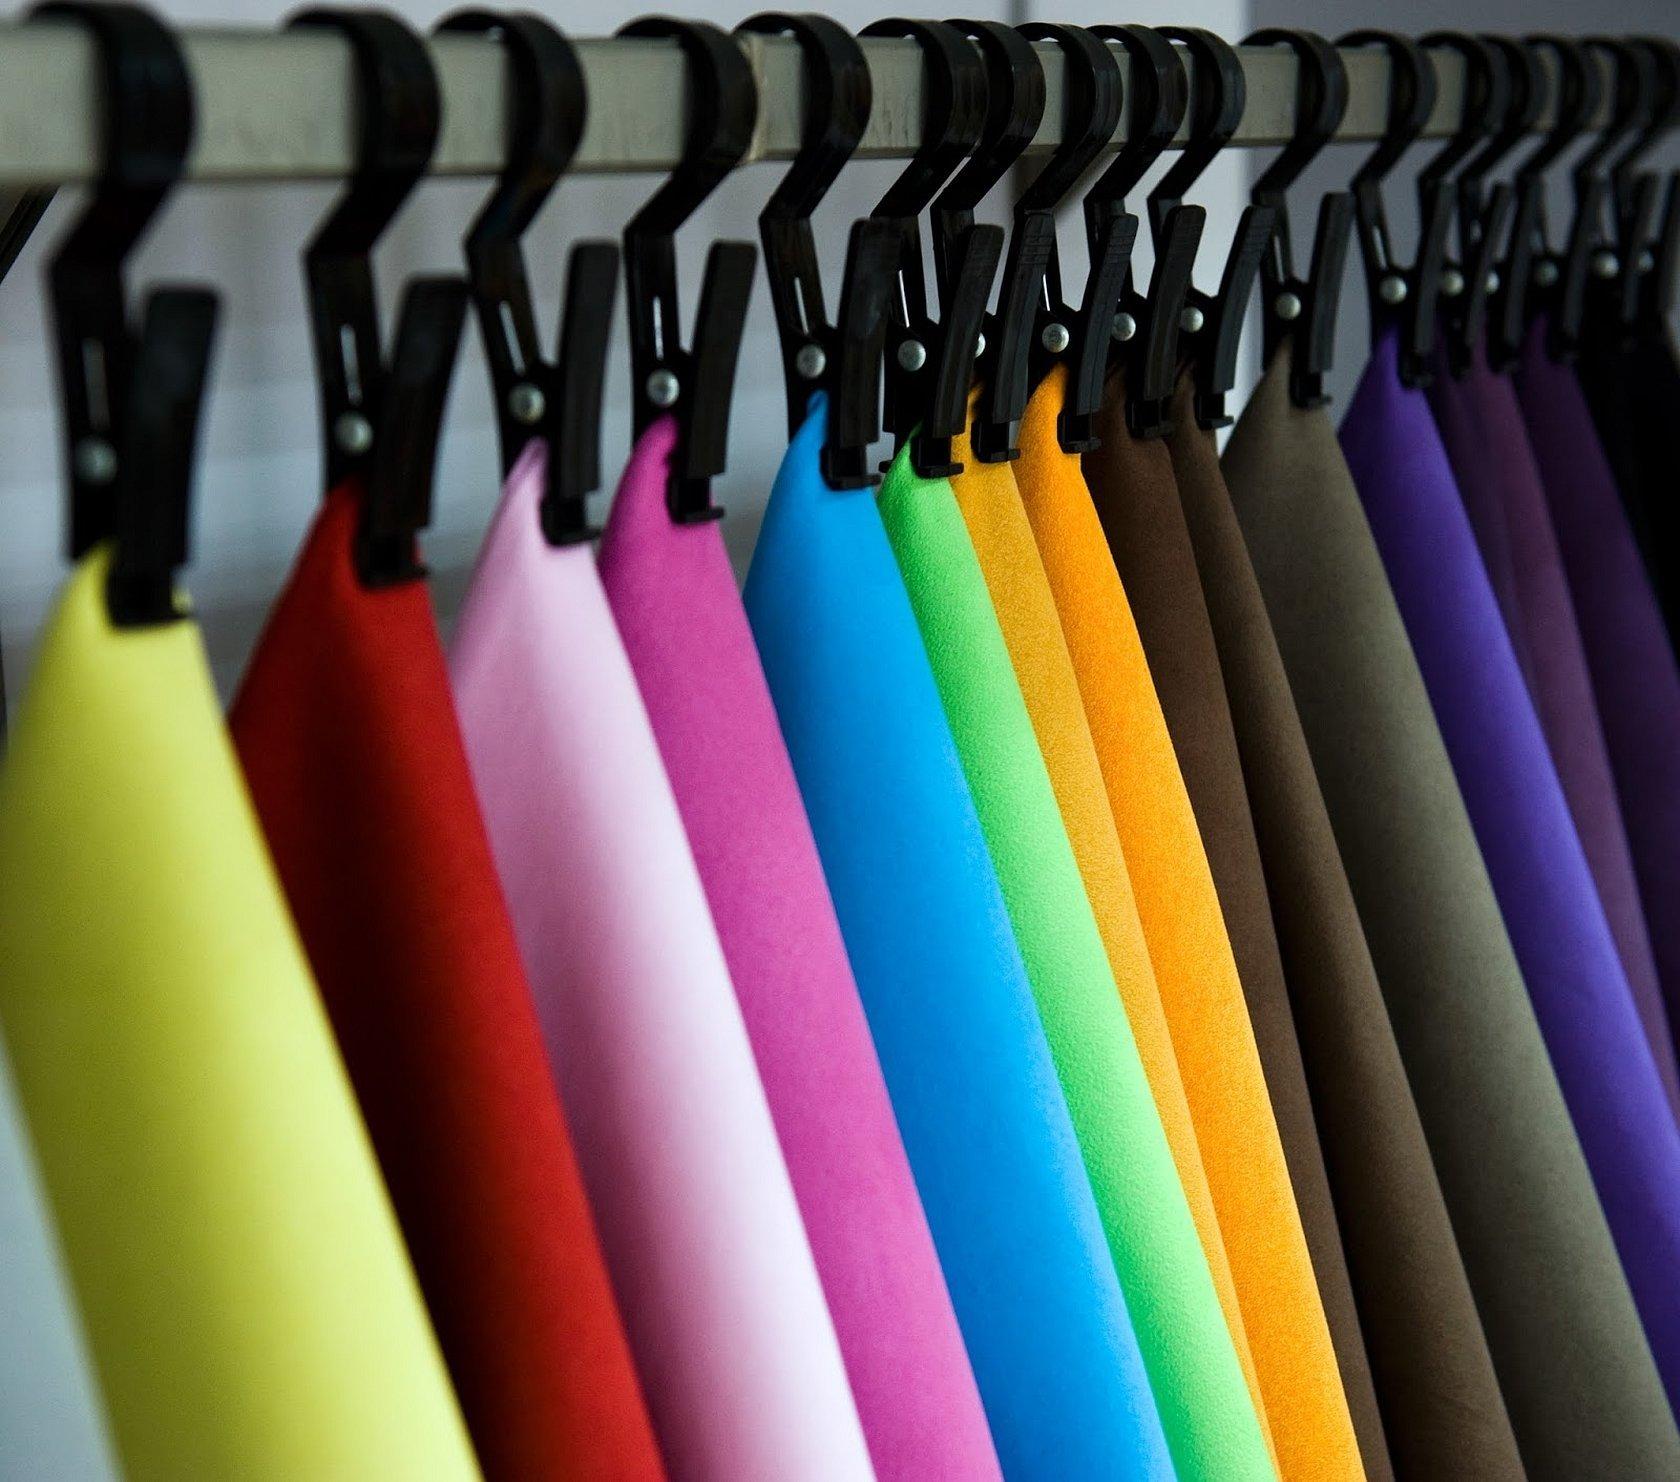 Одежда на вешалках по цветам